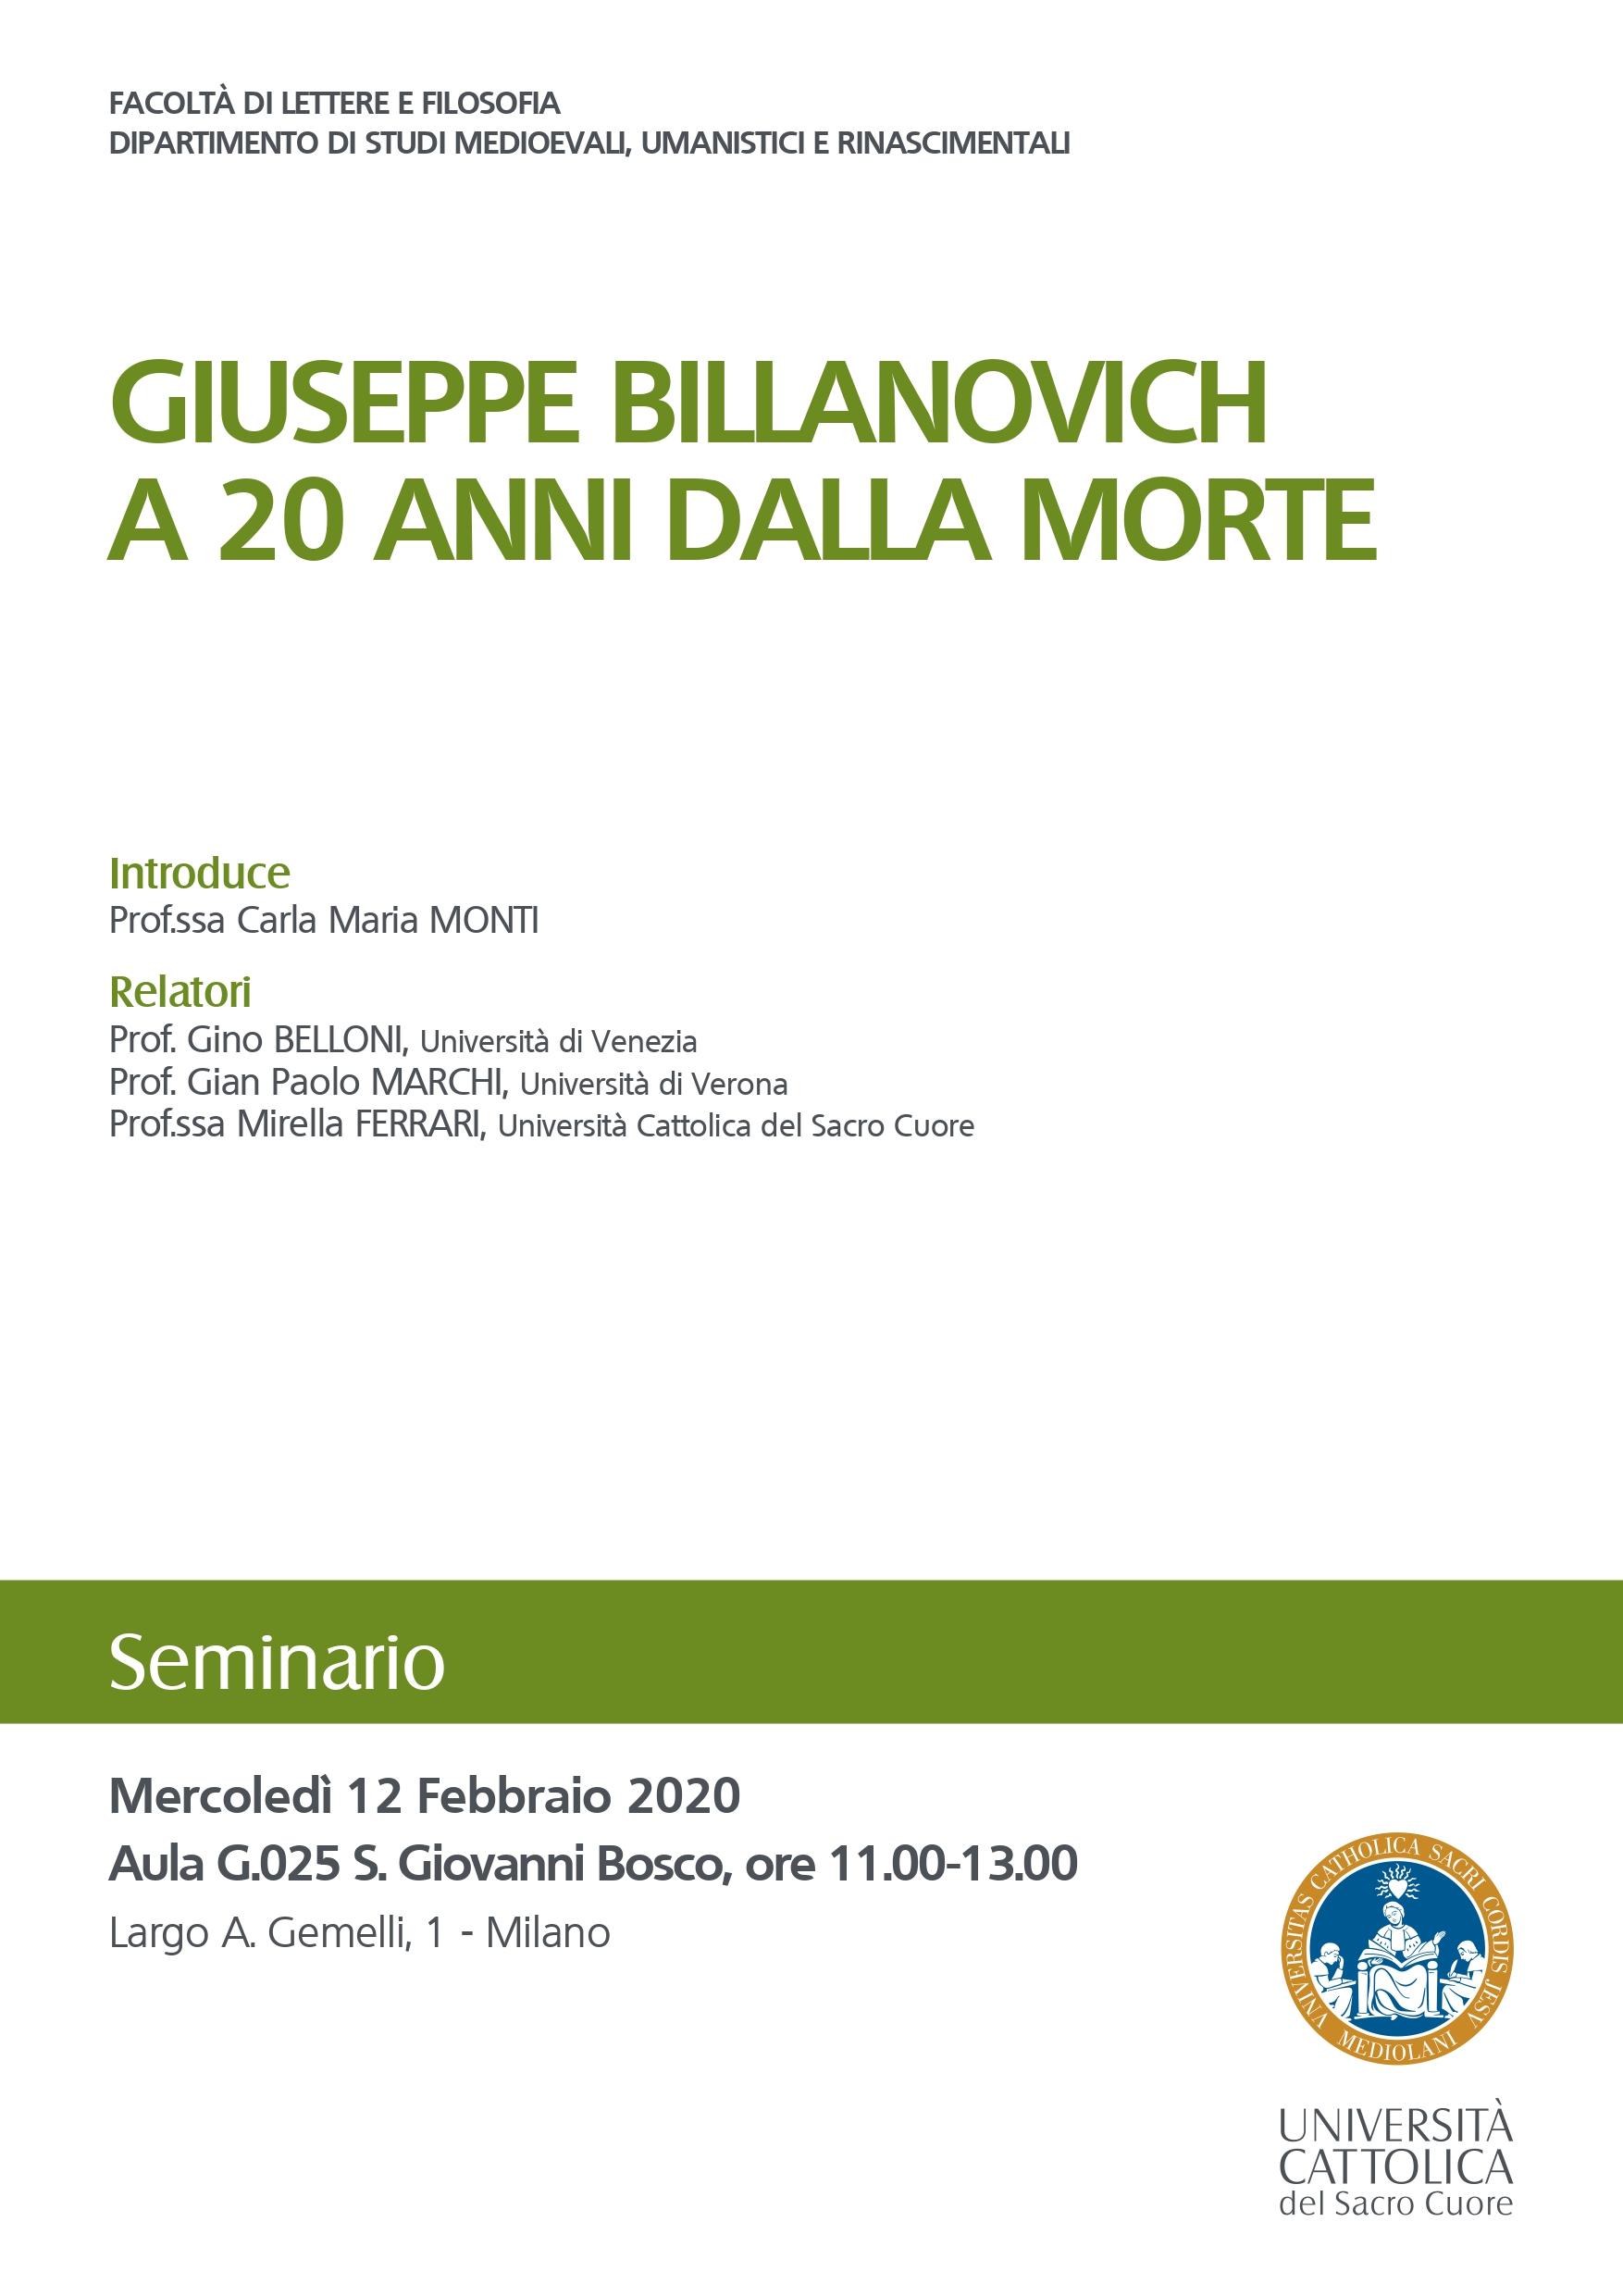 Definitiva Giuseppe Billanovich a 20 anni dalla morte_page-0001